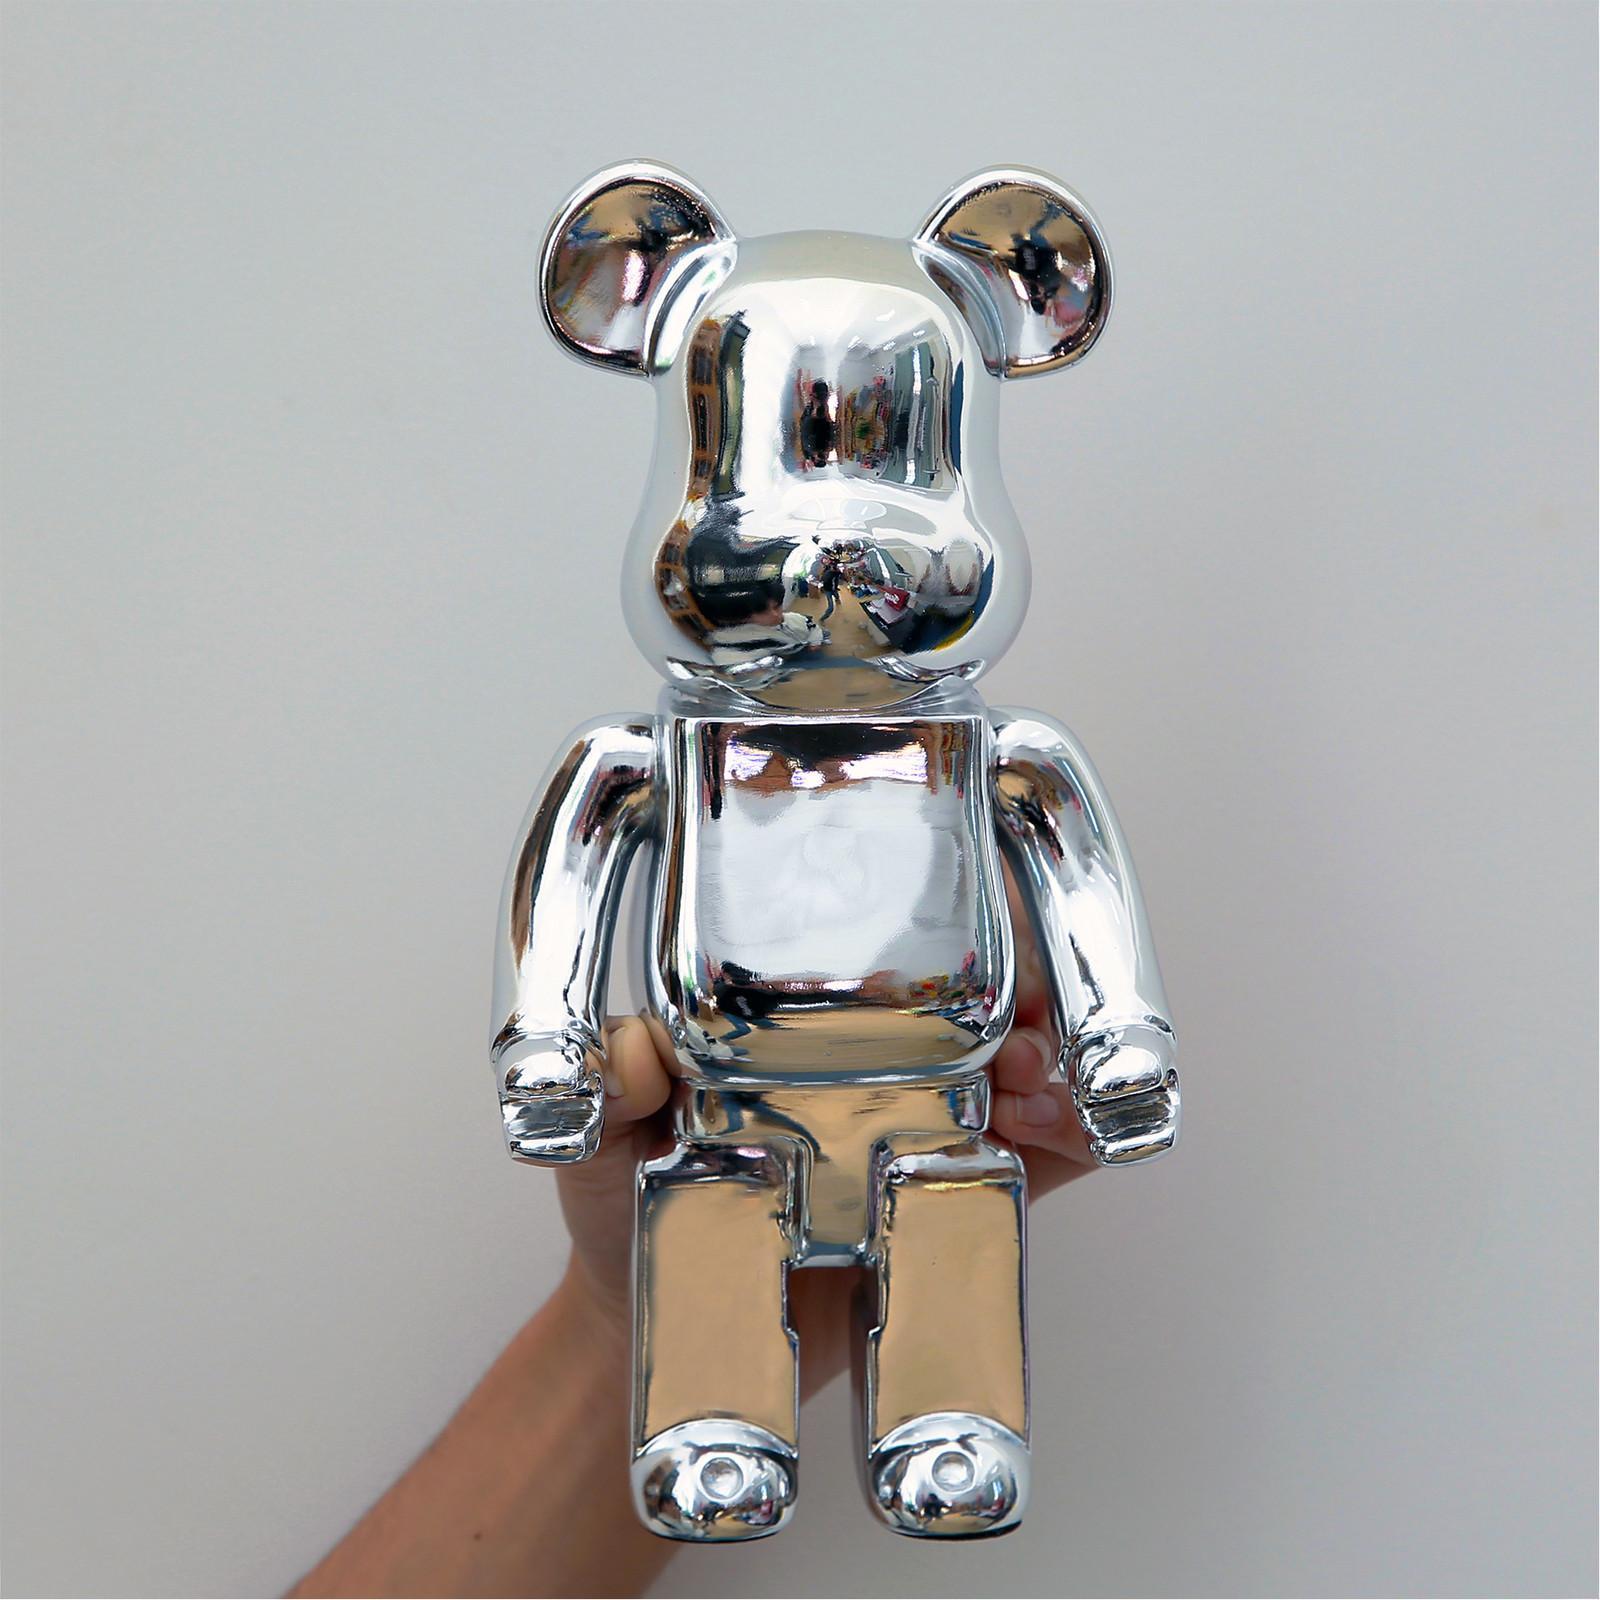 28cm Bearbrick 400% BE @ RBRICK GRIOMY ANO NOVO ANO ANO ANO DE Decoração de Casa Tide Play Modelo Plating Resina Eletrônica Jogos Eletrônicos Brinquedos Crianças Brinquedos 210318